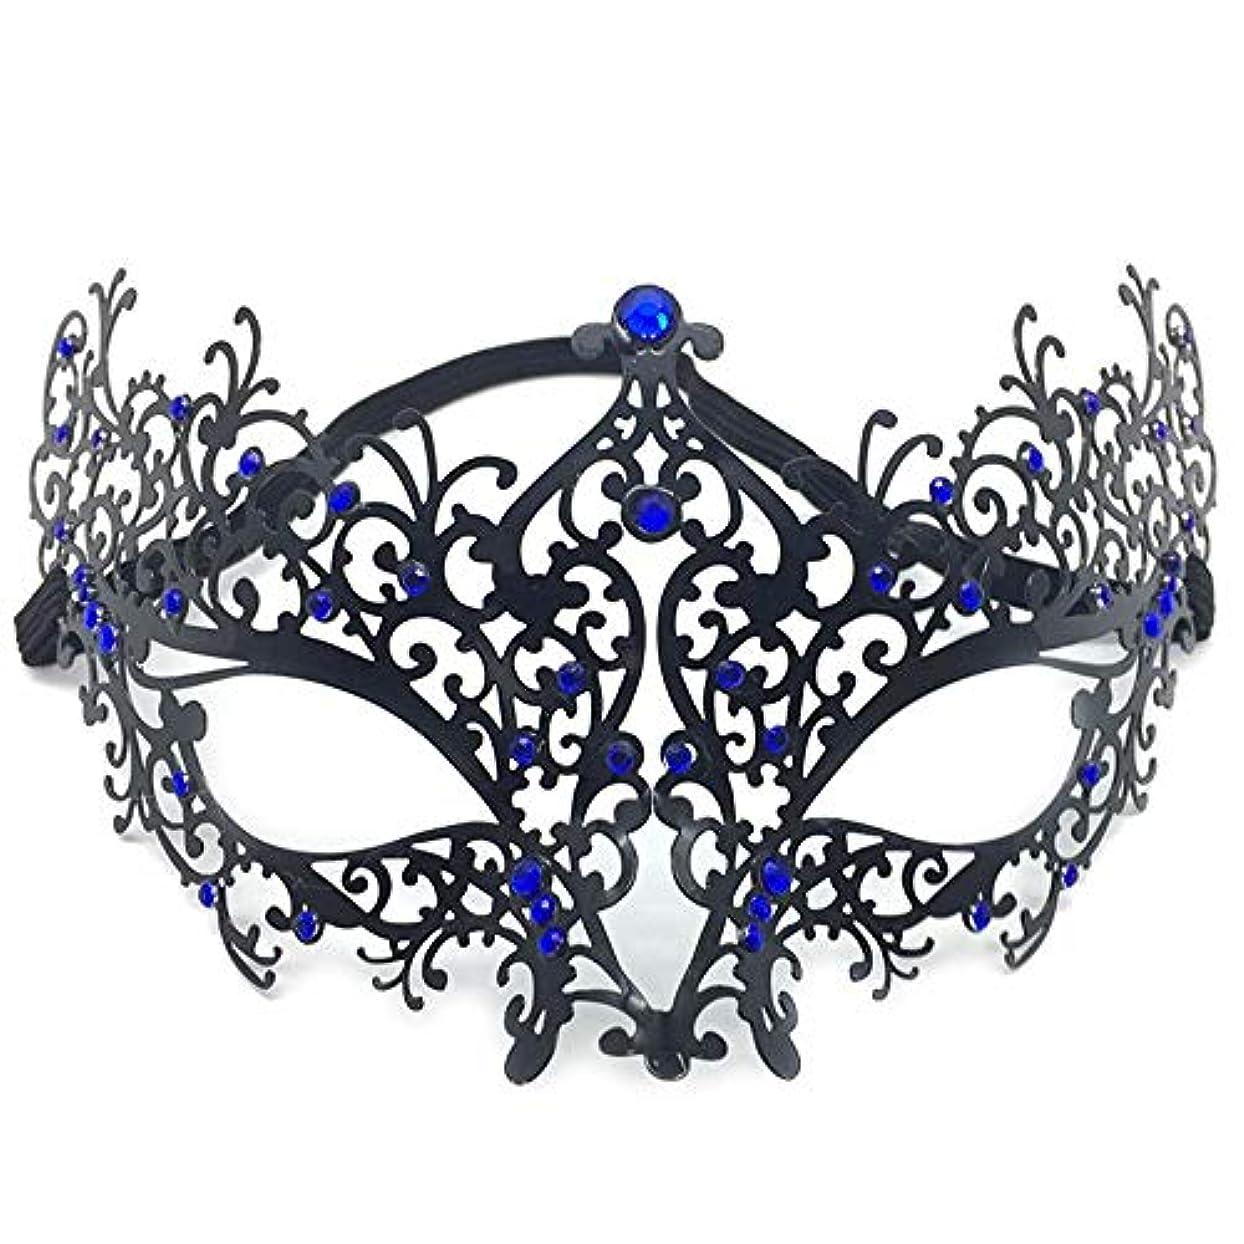 から芸術的血仮面舞踏会アイアンマスクパーティーCOSはメタリックダイヤモンドハーフフェイスハロウィンアイアンマスクをドレスアップ (Color : A)